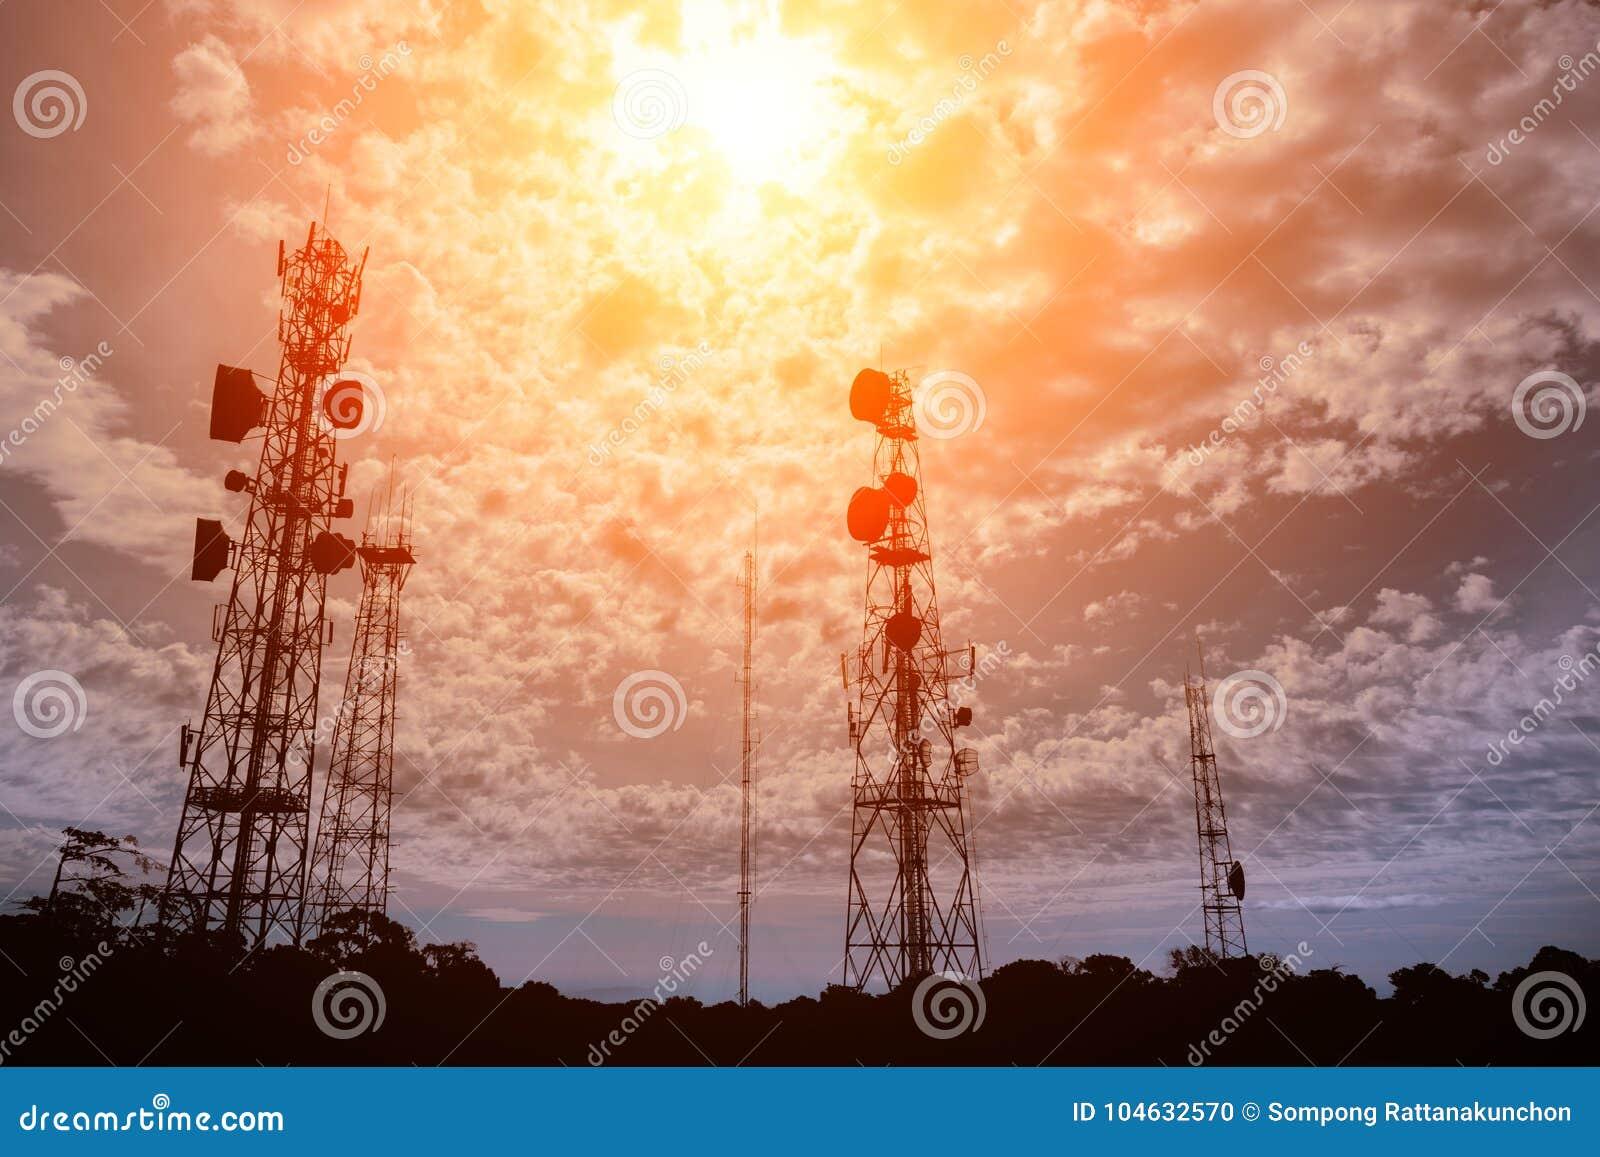 Download De Televisieantennes Van De Telecommunicatiemast Stock Foto - Afbeelding bestaande uit internet, telefoon: 104632570